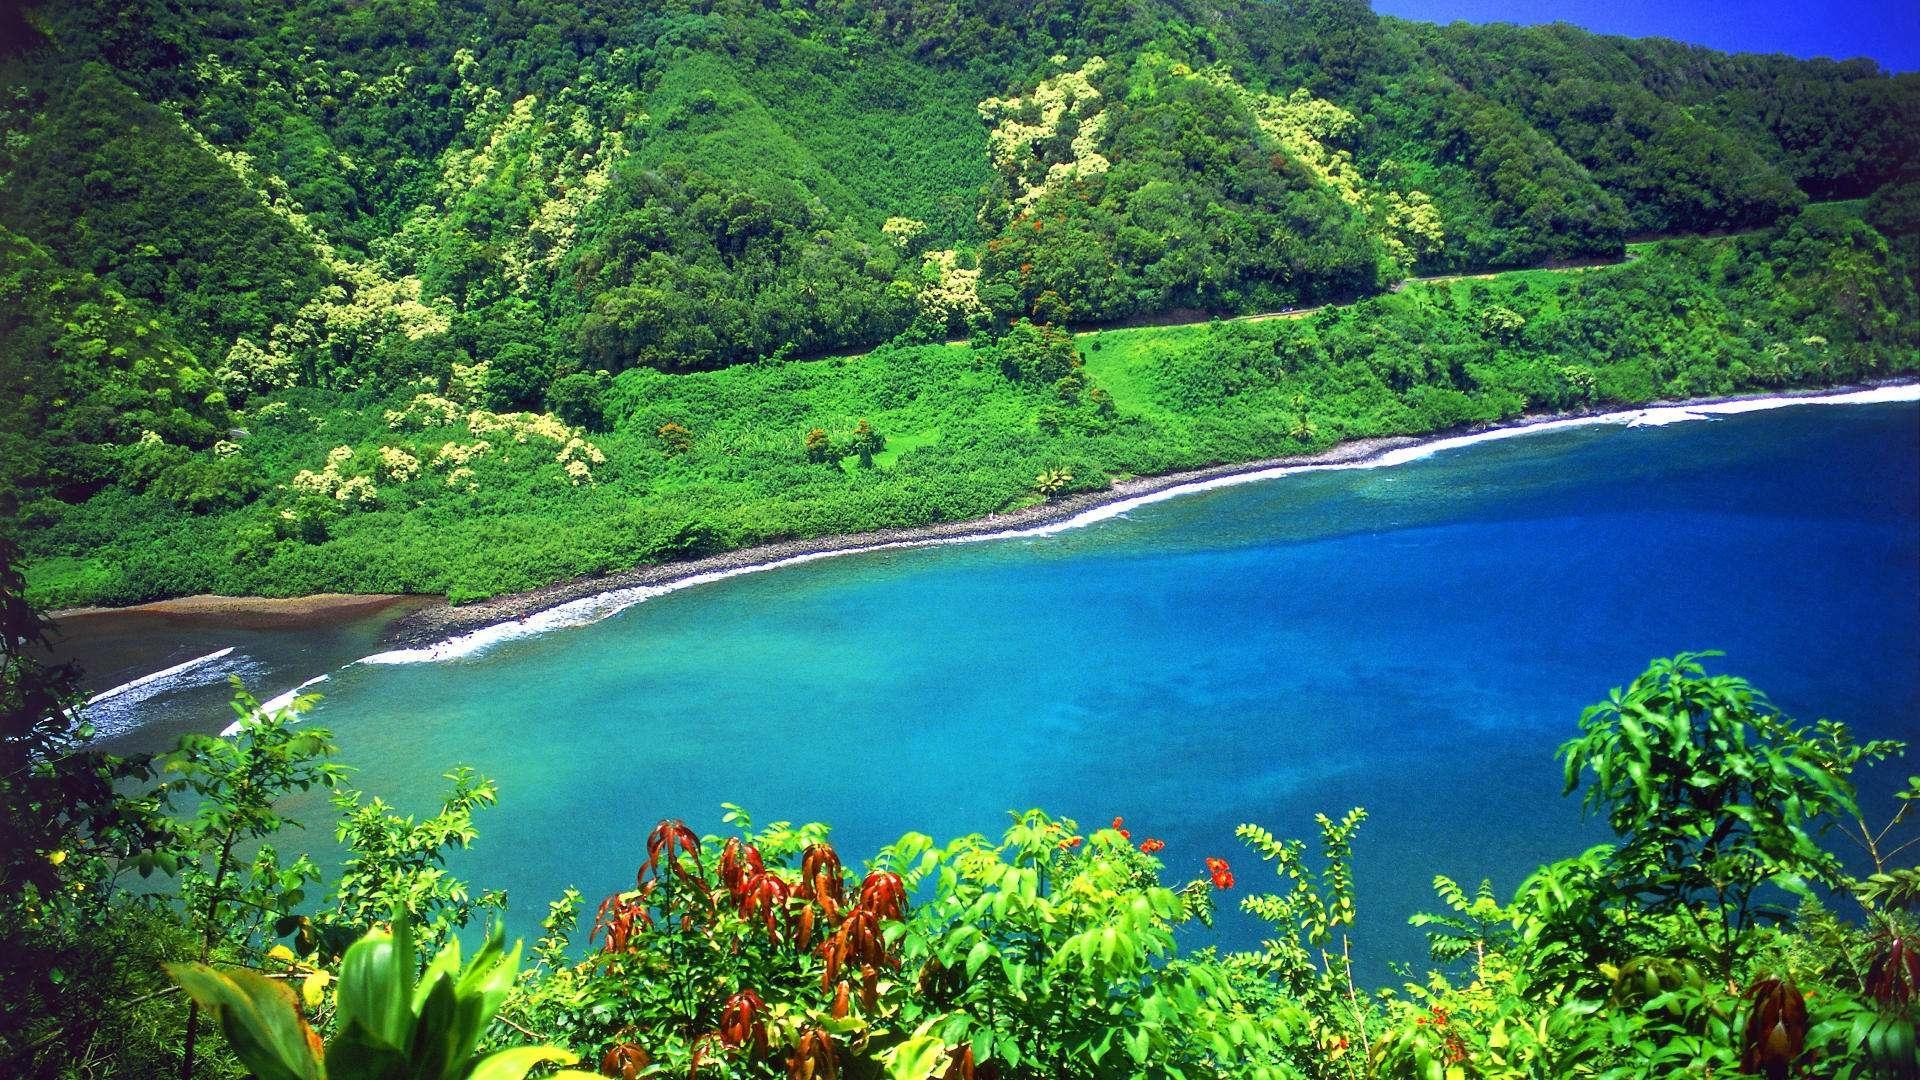 日本有一风景优美的岛屿,到处说汉语原属中国,清朝皇帝弄丢了它